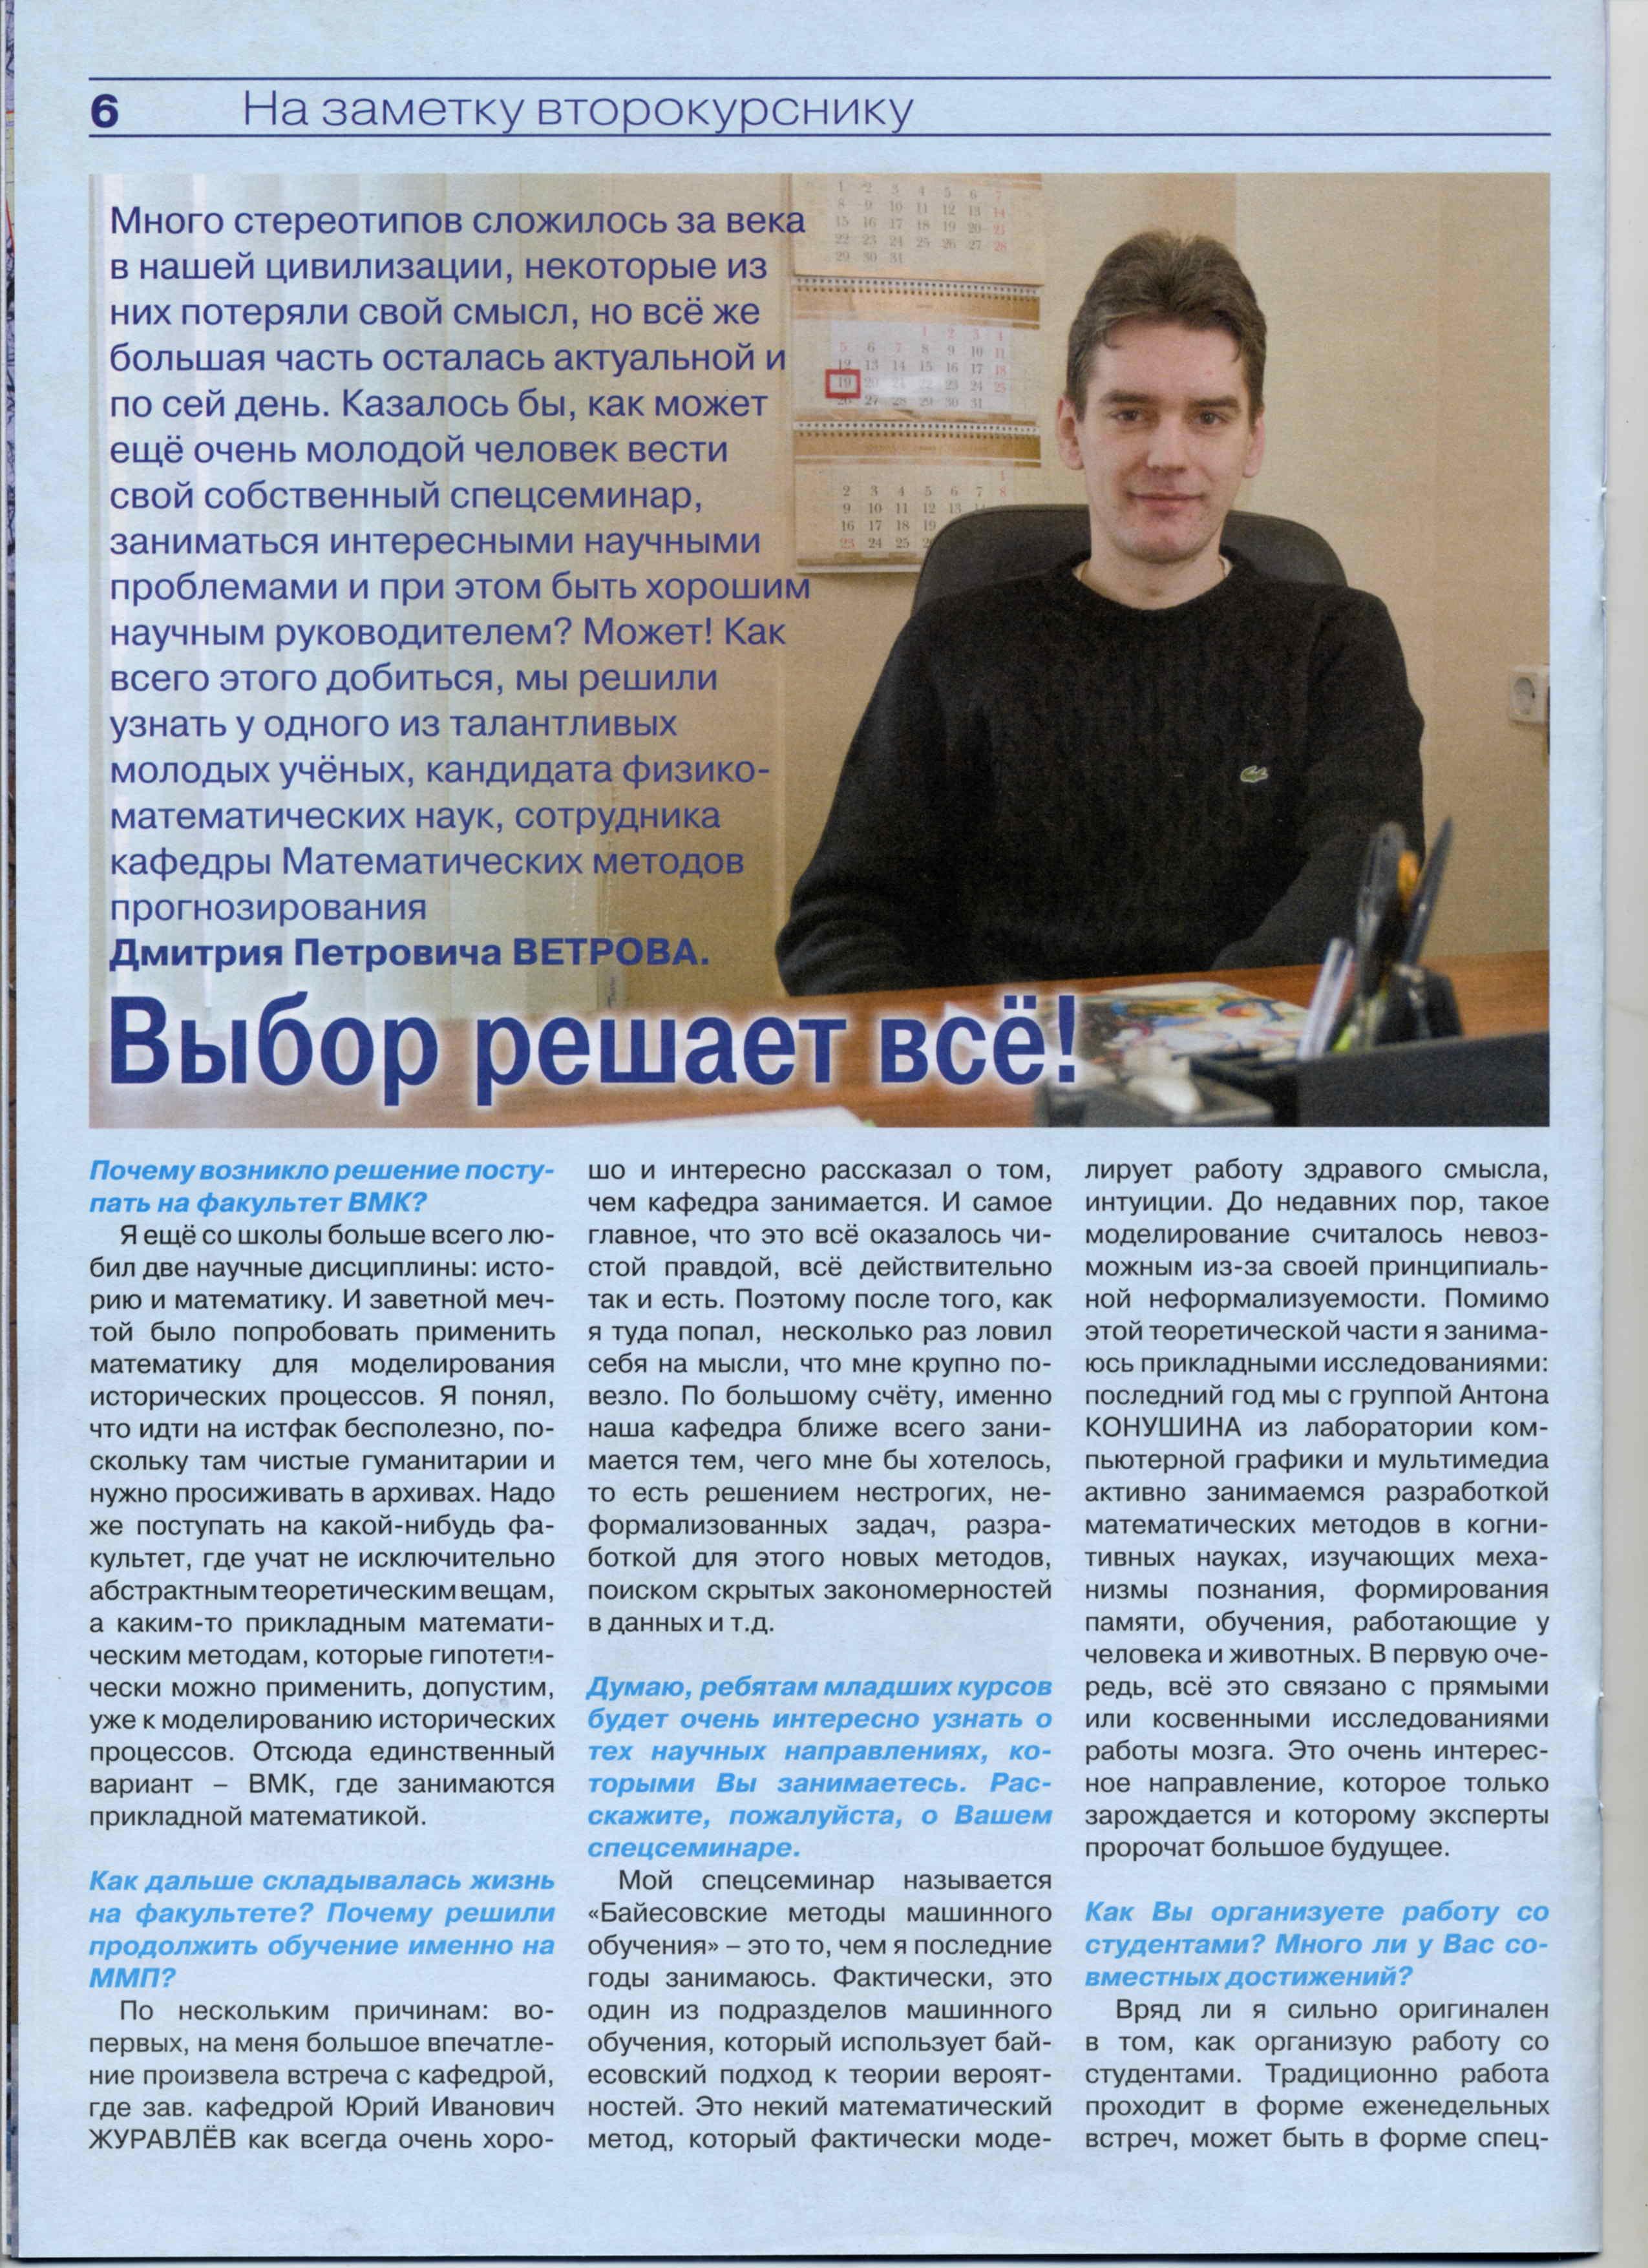 Powerpoint 2007 Темы Про Войну